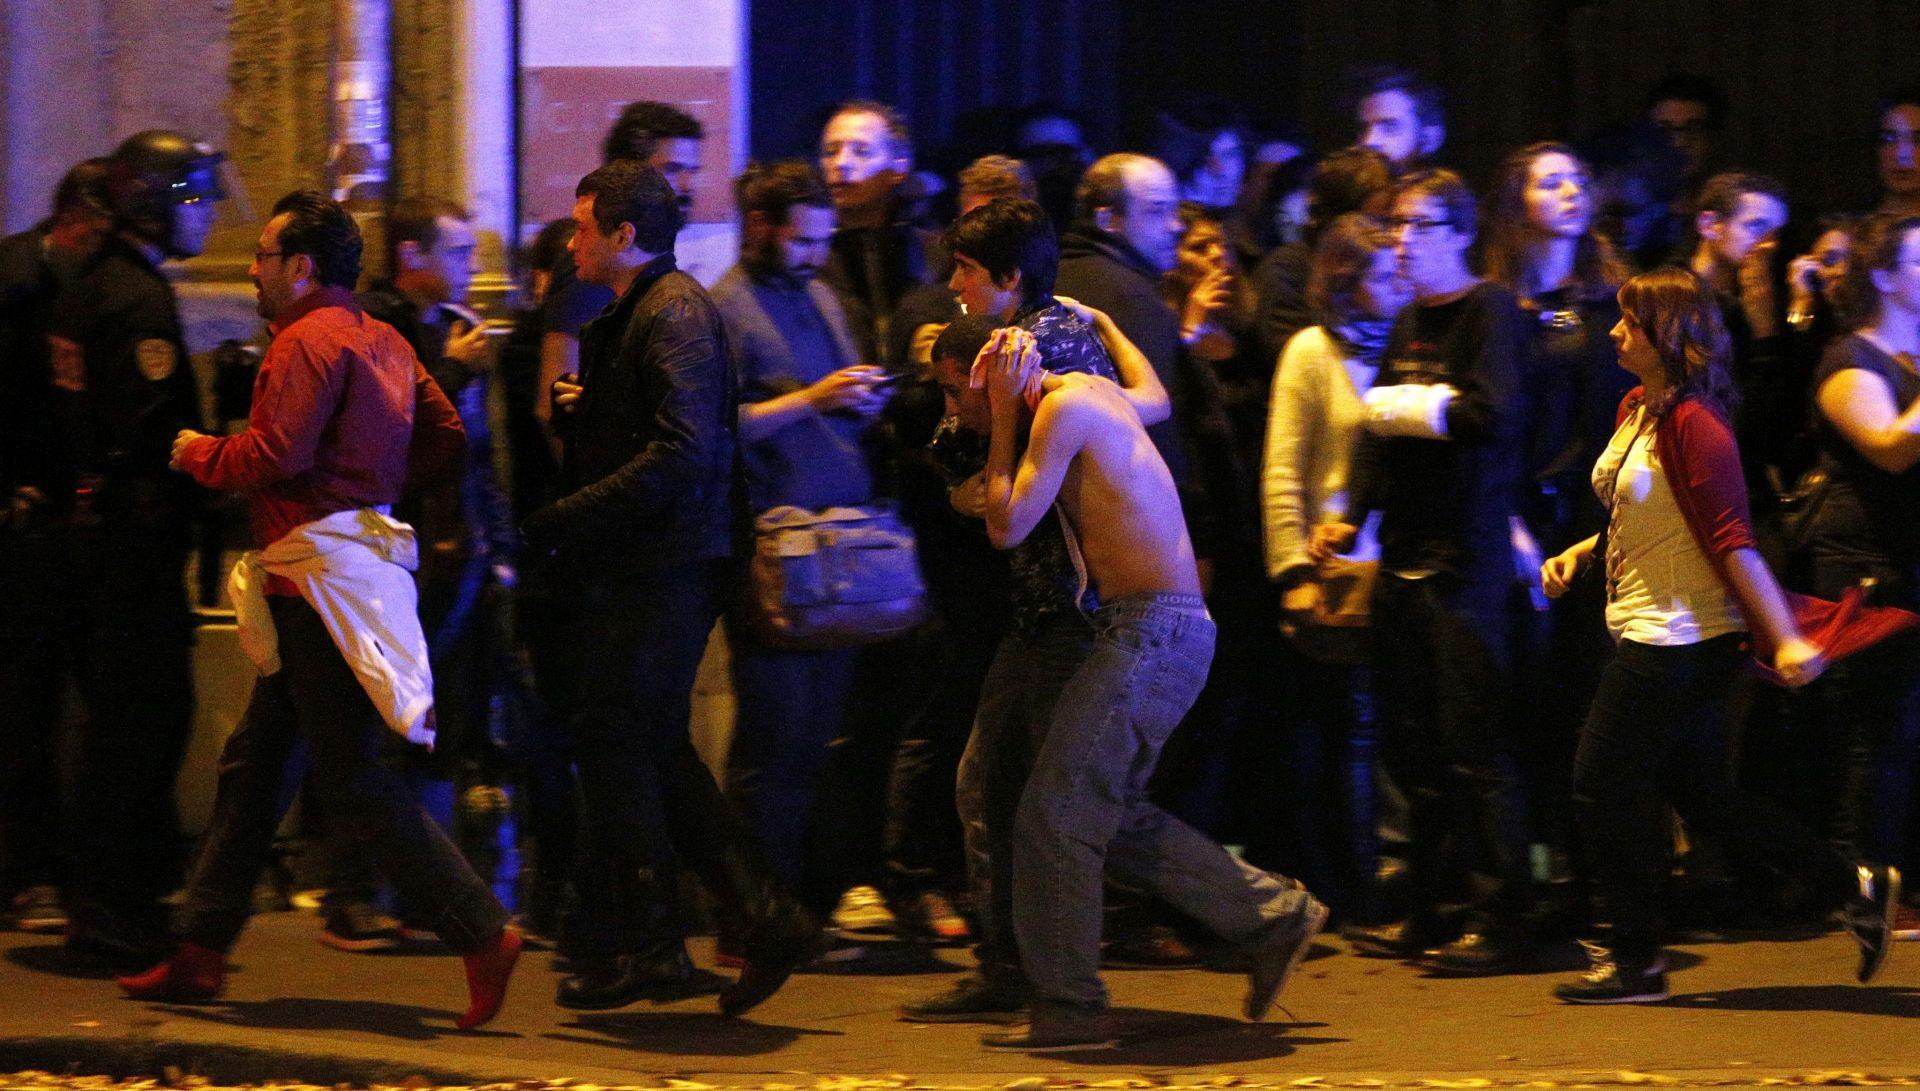 UŽIVO: POKOLJ U PARIZU Najmanje 128 mrtvih u terorističkim napadima, 300 u pariškim bolnicama,uhićenja u Bruxellesu